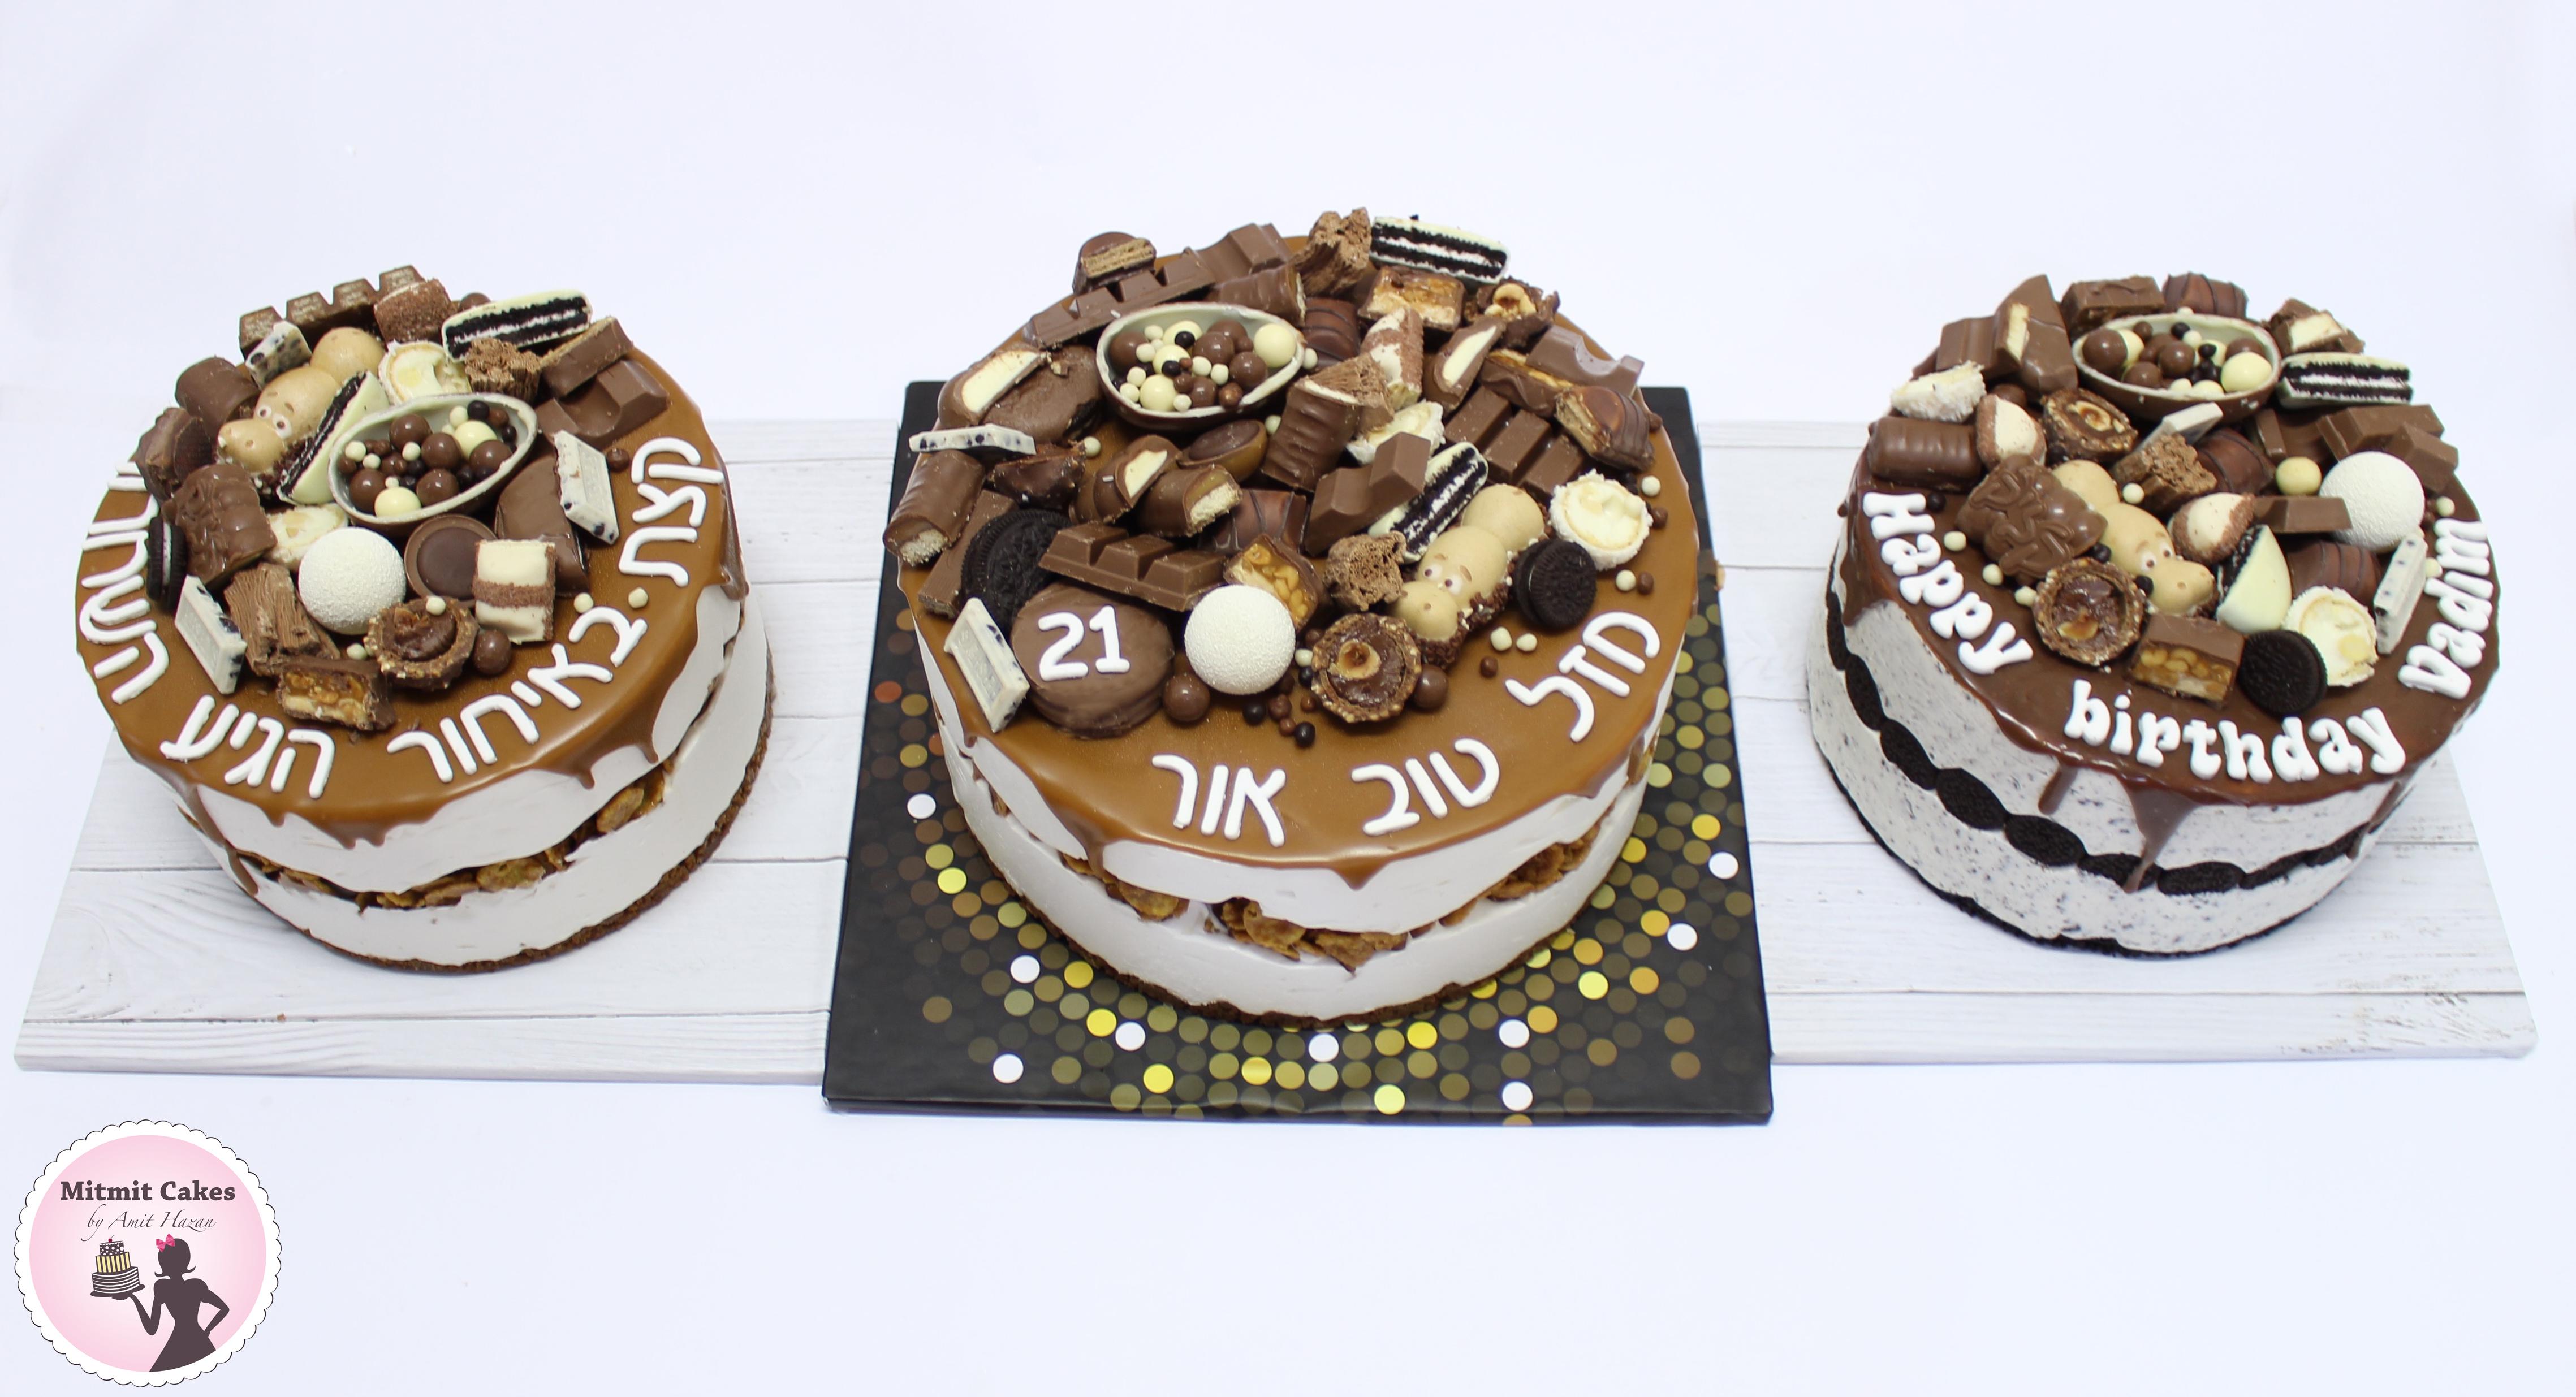 עוגת מוס אוריאו ומוס מסקרפונה